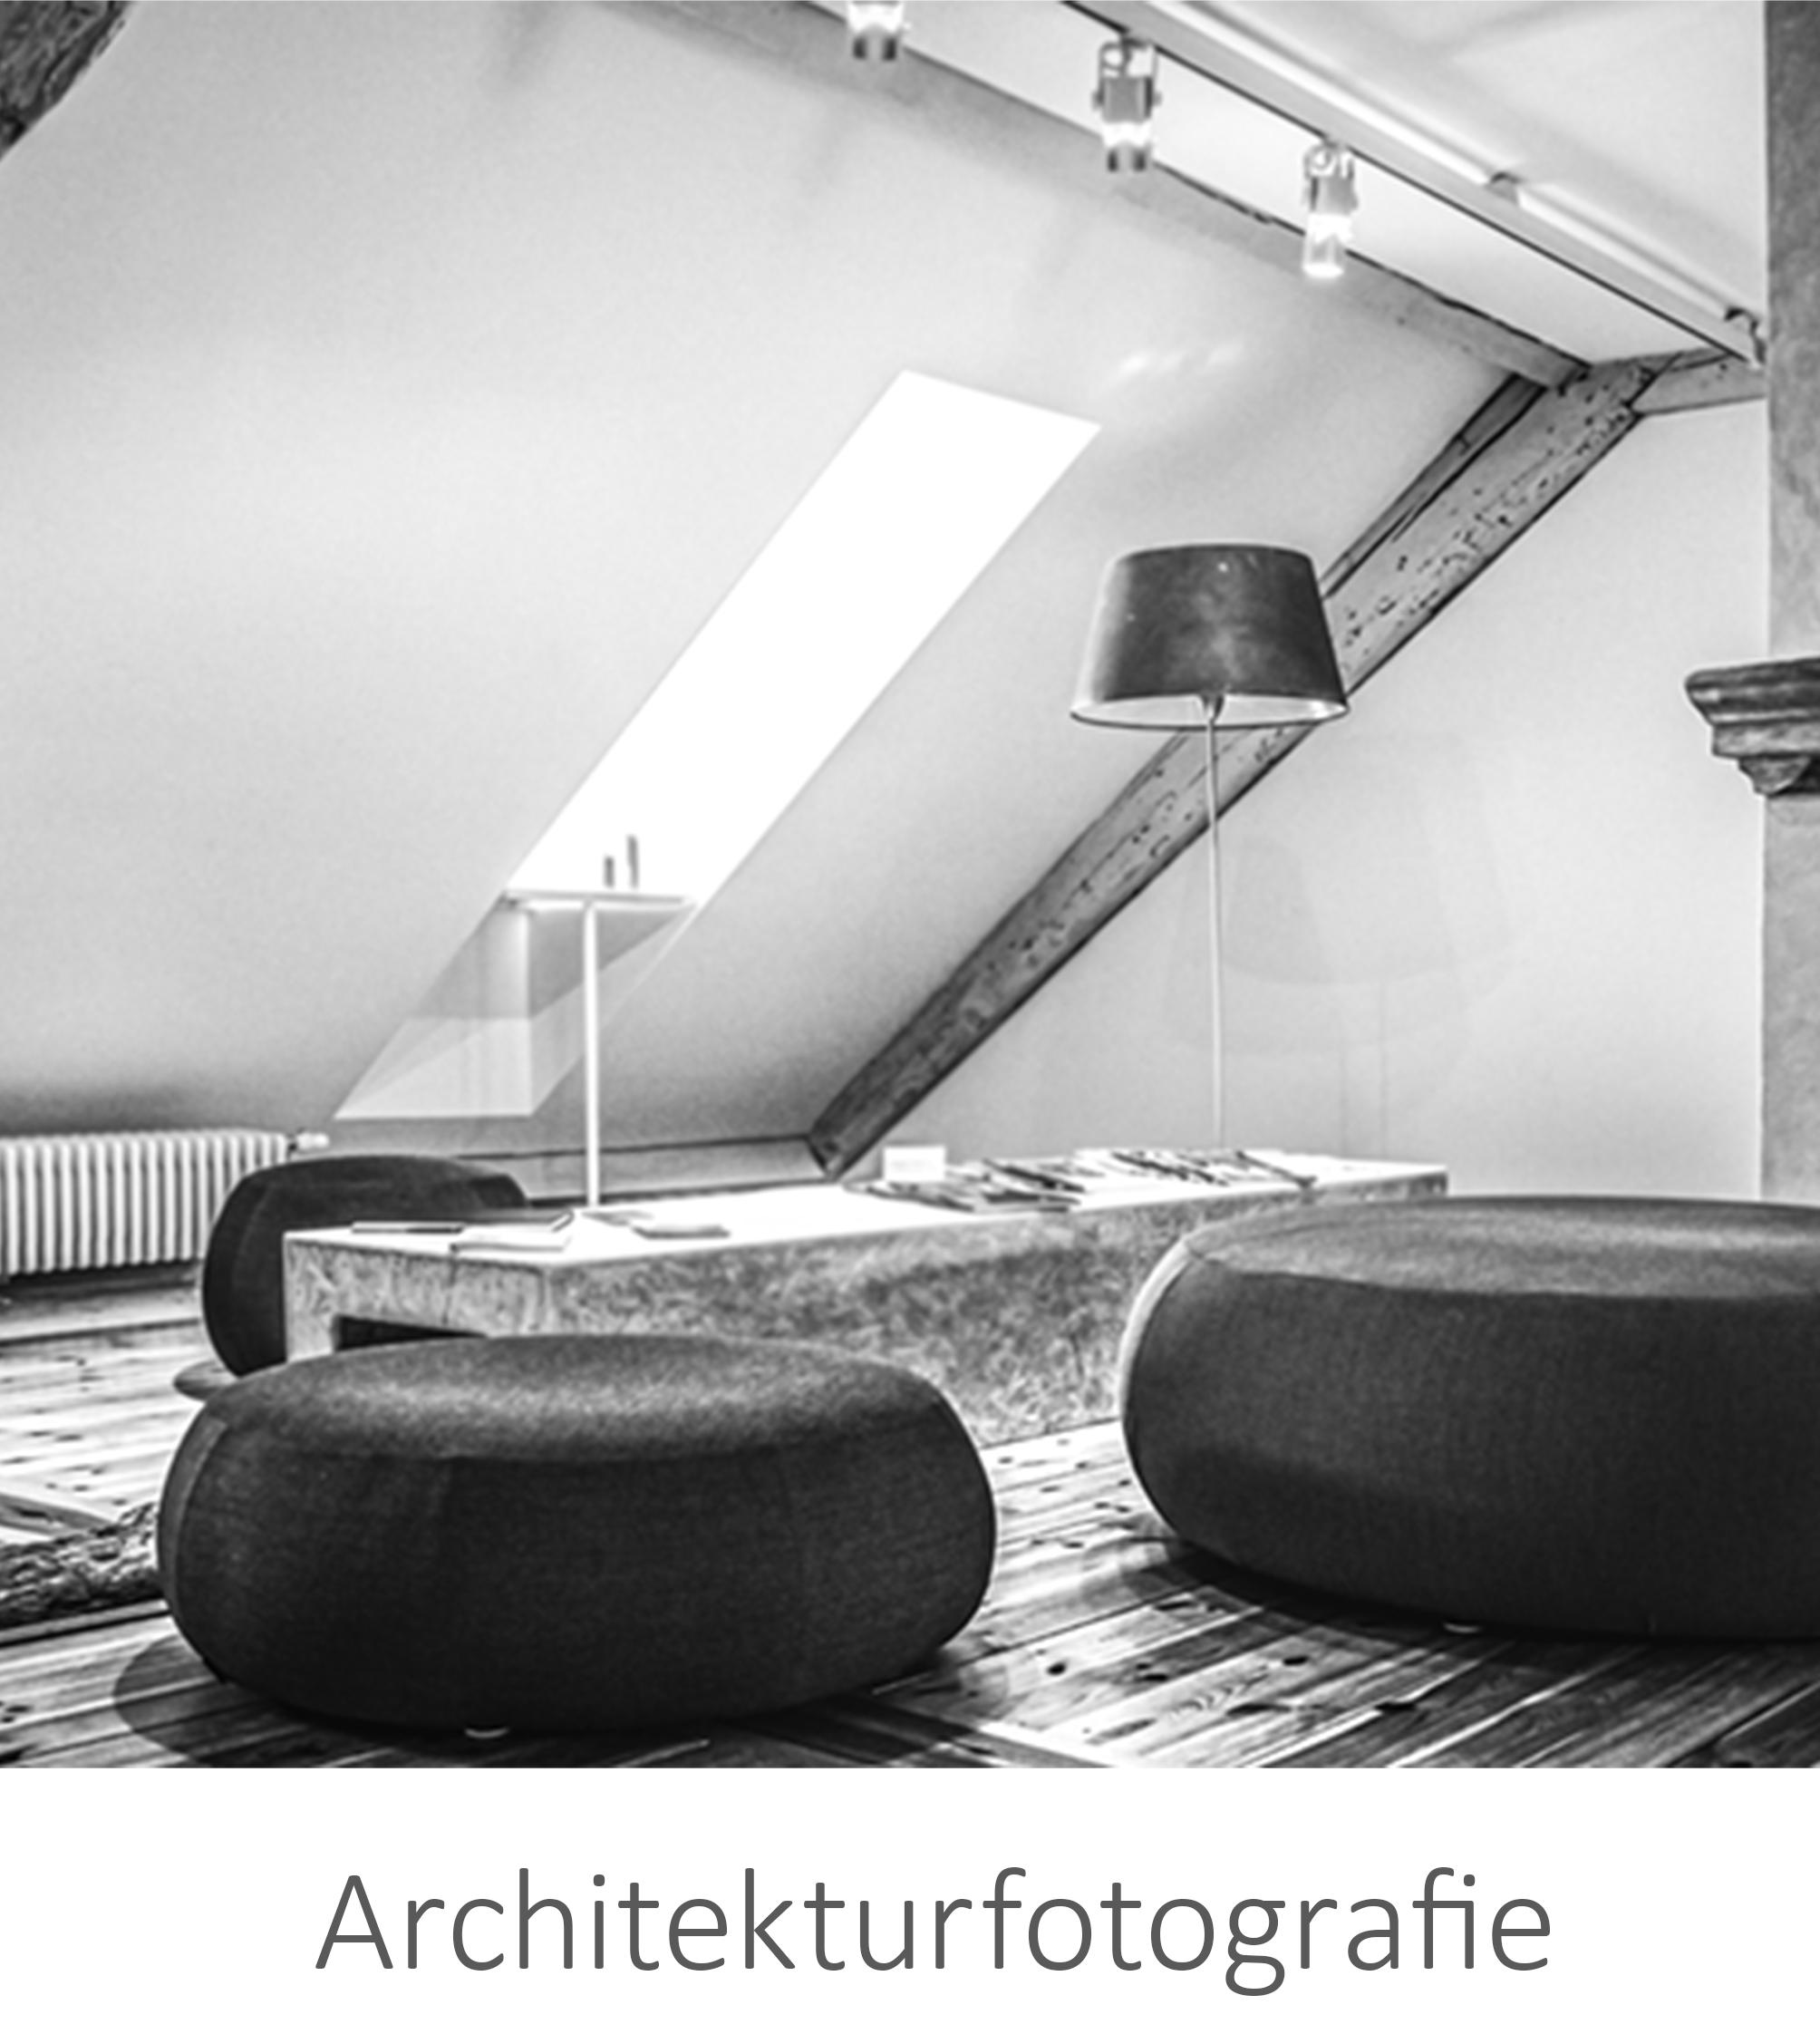 button_architekturfotografie_lianeswerbedesign